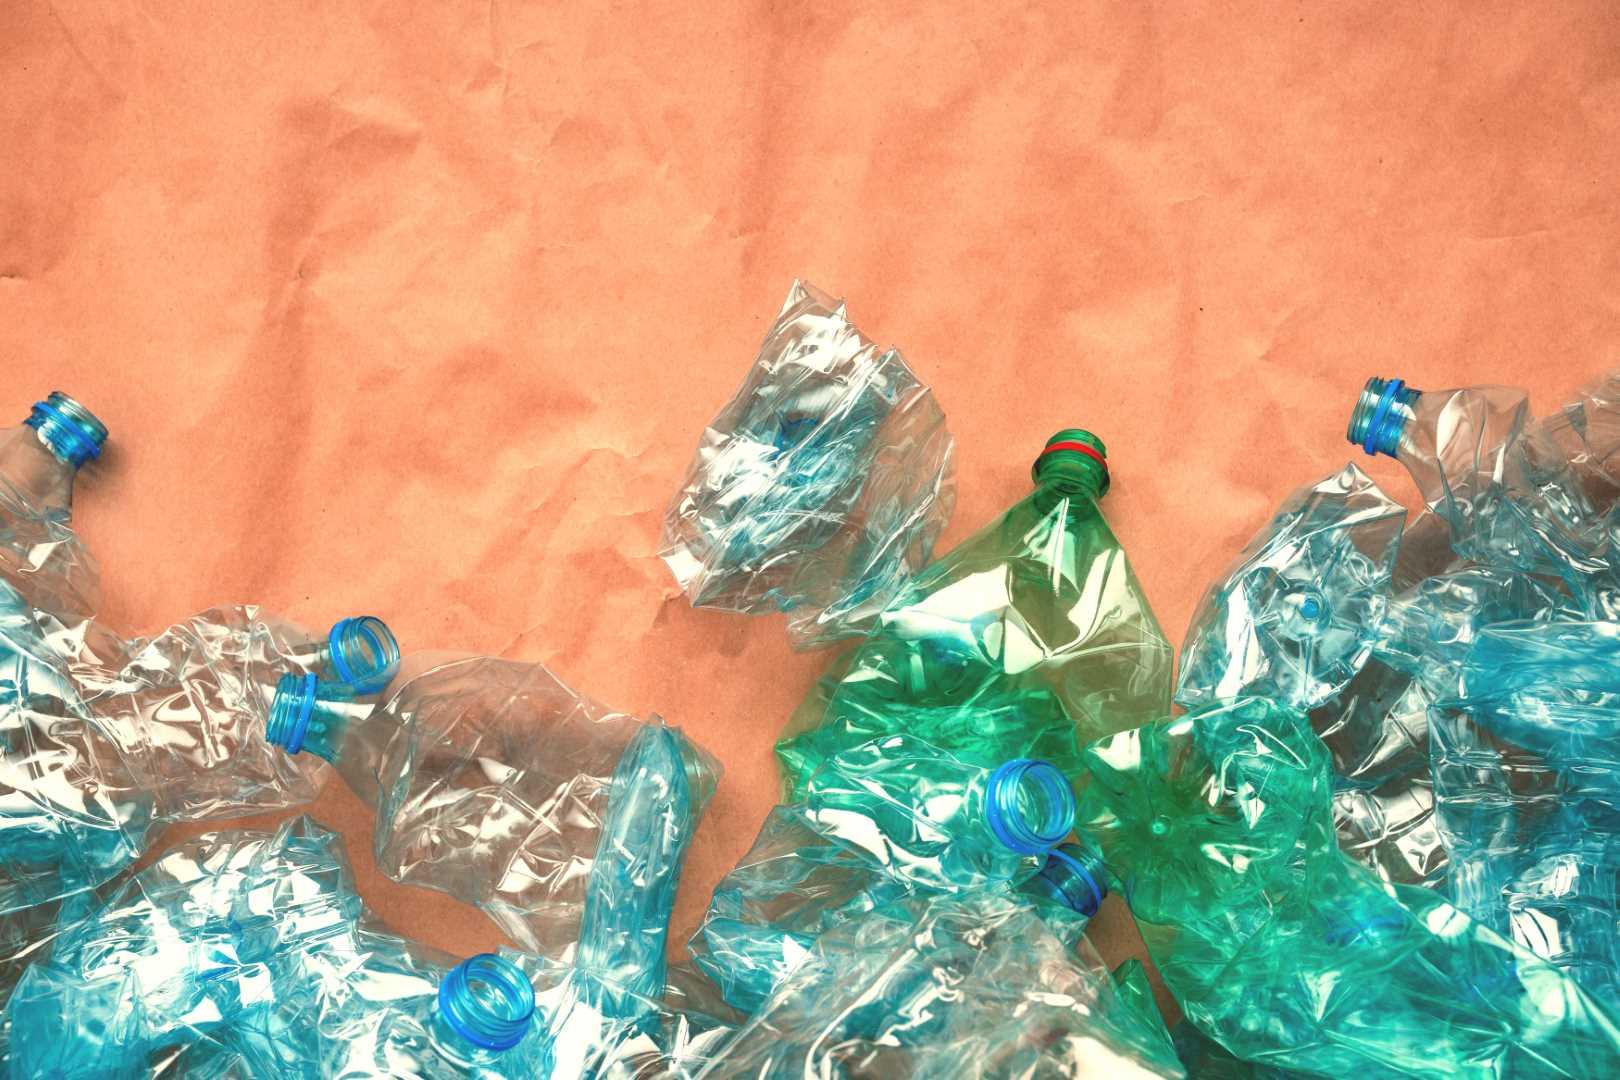 ragioni abbandonare acqua in bottiglia